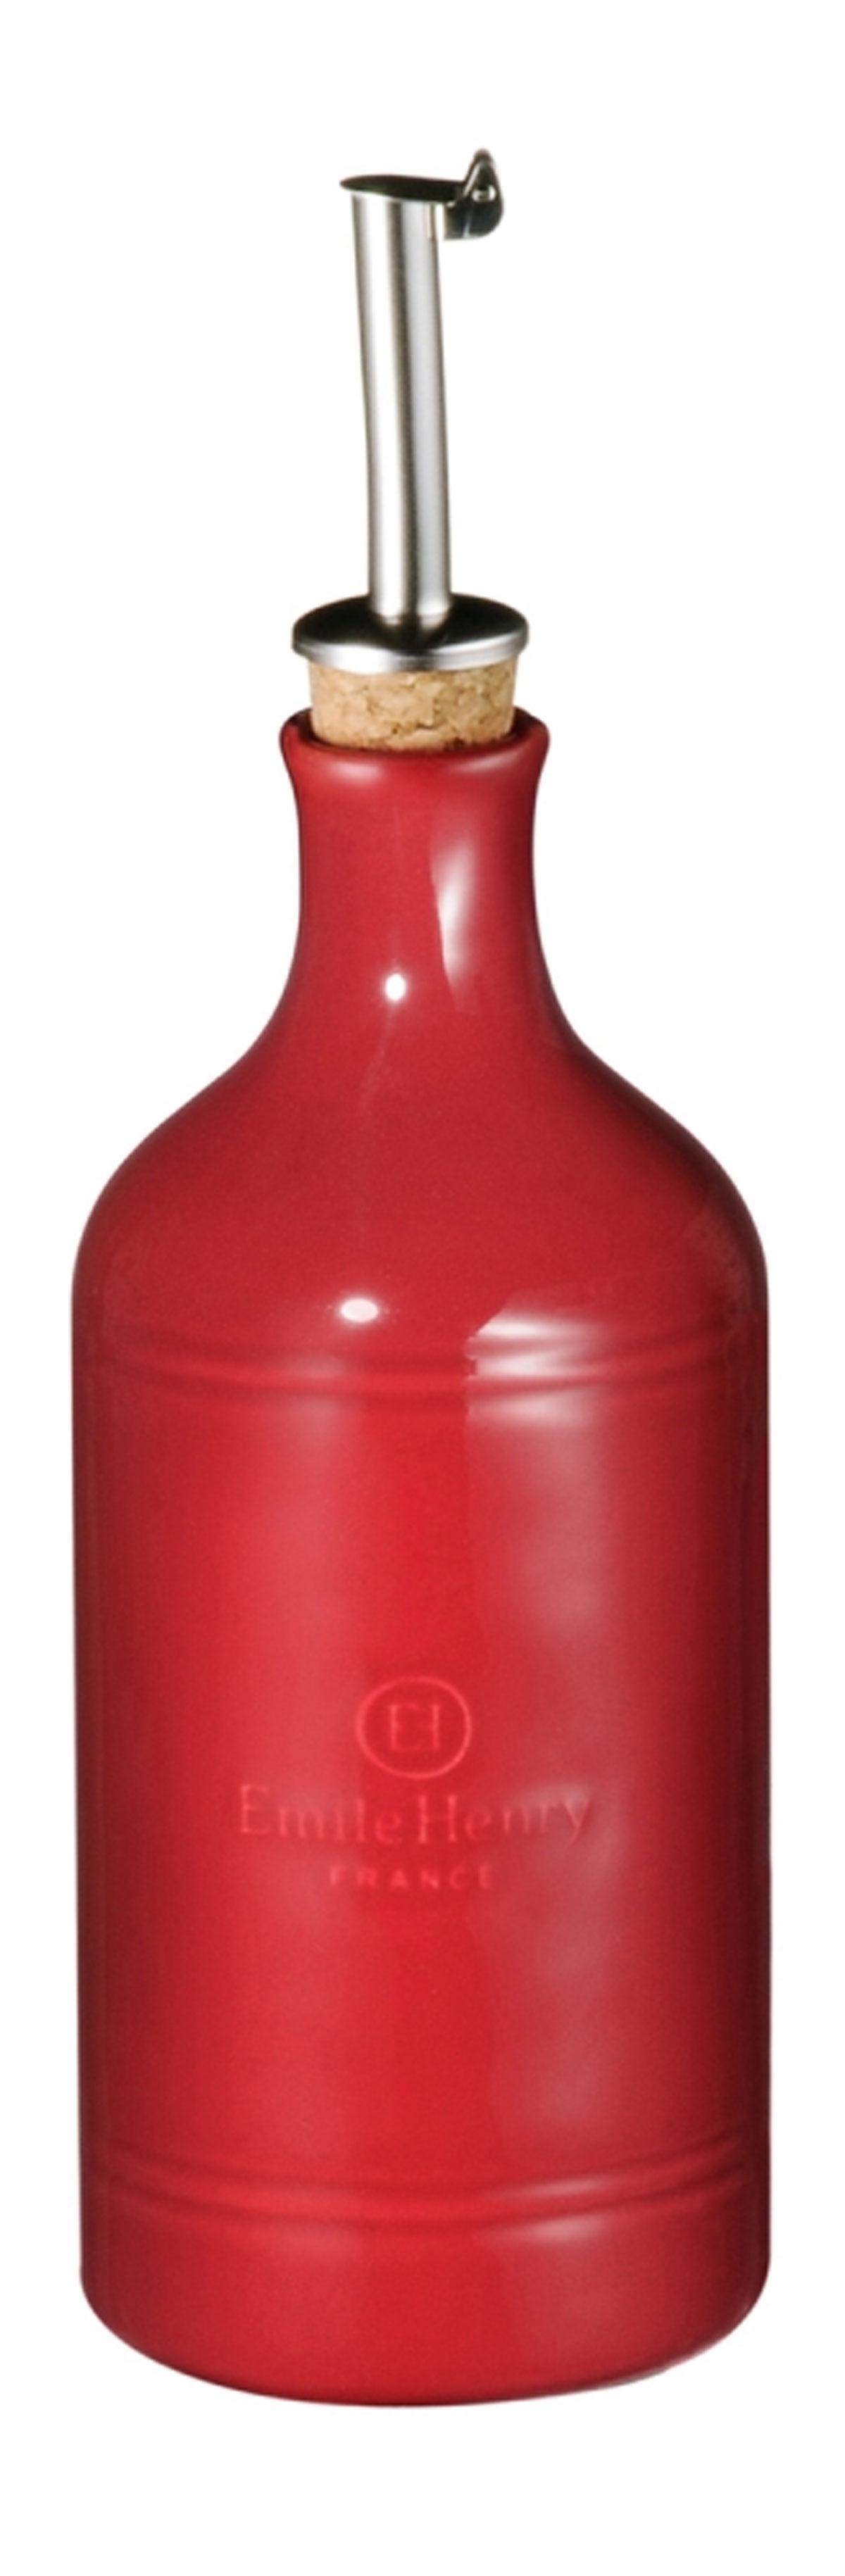 Бутылка для масла и уксуса Emile Henry Natural Chic, цвет: гранат, 450 мл340215Бутылка для масла или уксуса Emile Henry Natural Chic, выполненная из керамики иметалла, позволит украсить любую кухню, внеся разнообразие как в строгийклассический стиль, так и в современный кухонный интерьер. Пробковая крышка сносиком снабжена клапаном антикапля, не допускающим пролива. Стенки бутылкисветонепроницаемые, поэтому ее можно хранить в открытом шкафу, не волнуясь, чтоваше лучшее оливковое масло потеряет вкус и аромат.Оригинальная бутылкабудет отлично смотретьсяна вашей кухне. Высота бутылки (с учетом носика): 23,5 см.Диаметроснования: 7 см.